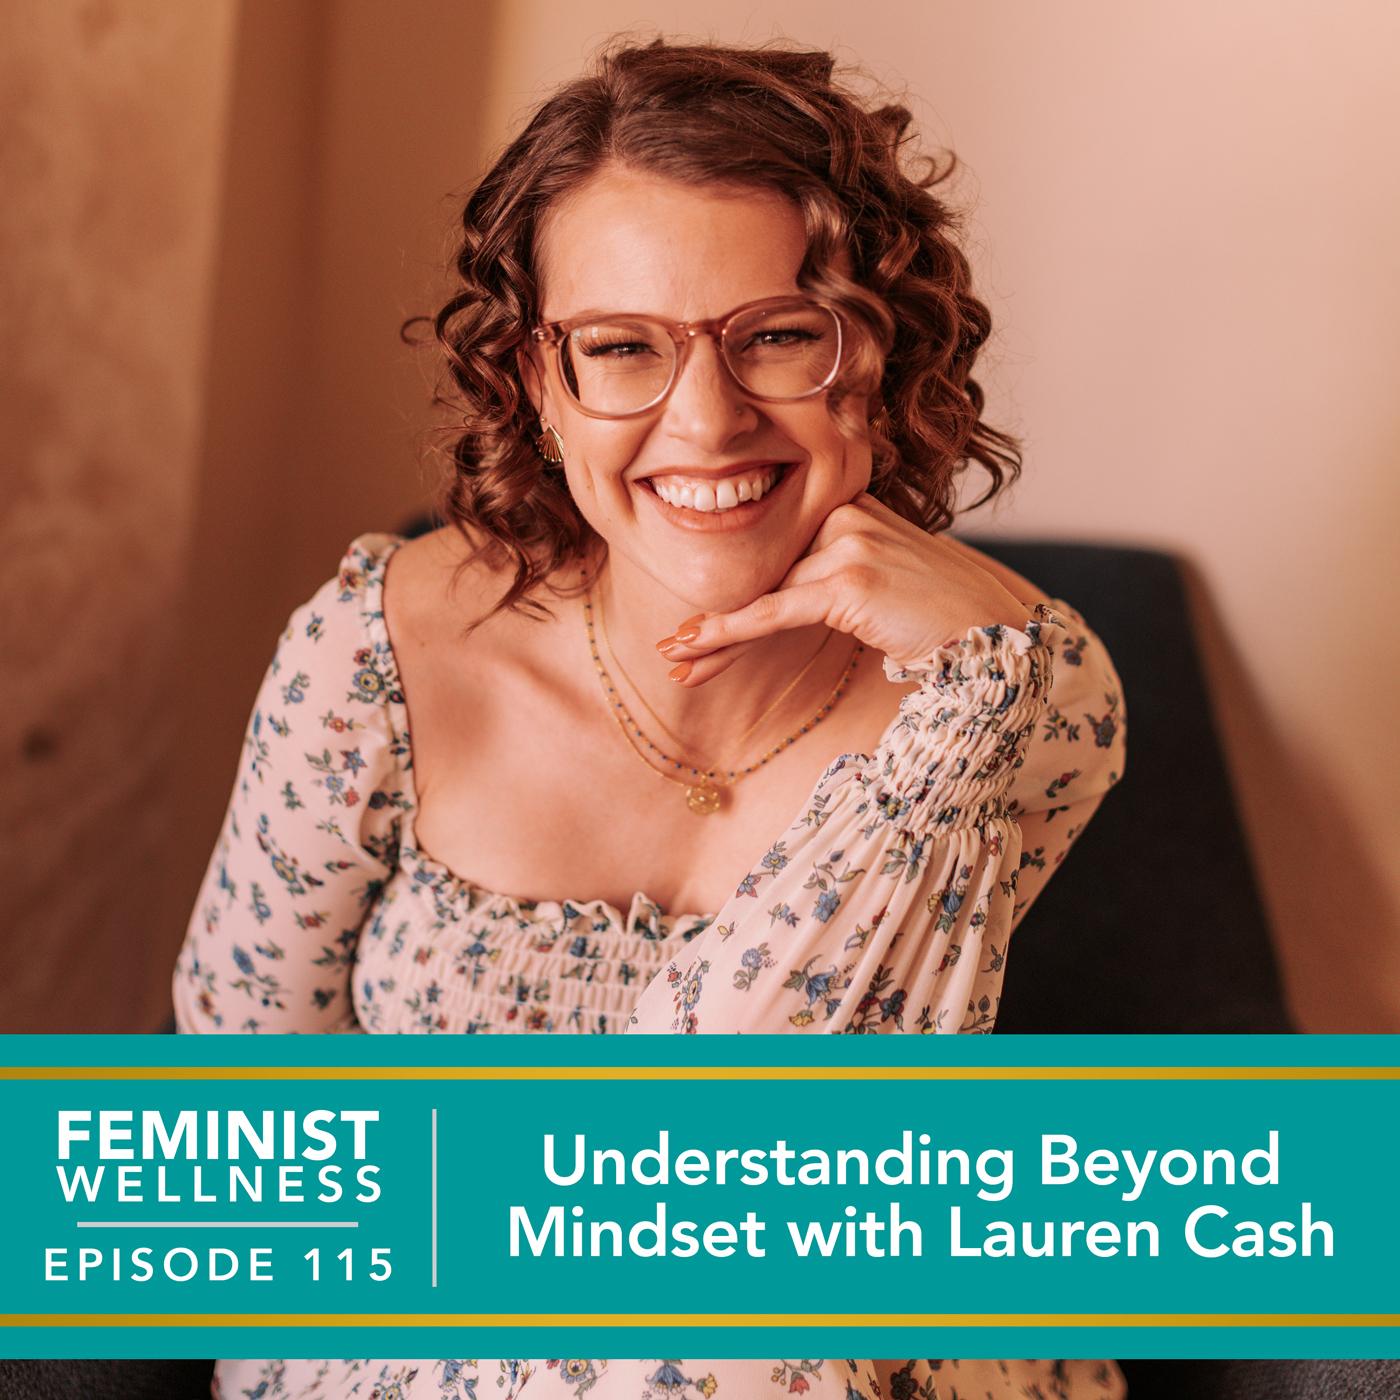 Feminist Wellness with Victoria Albina   Understanding Beyond Mindset with Lauren Cash